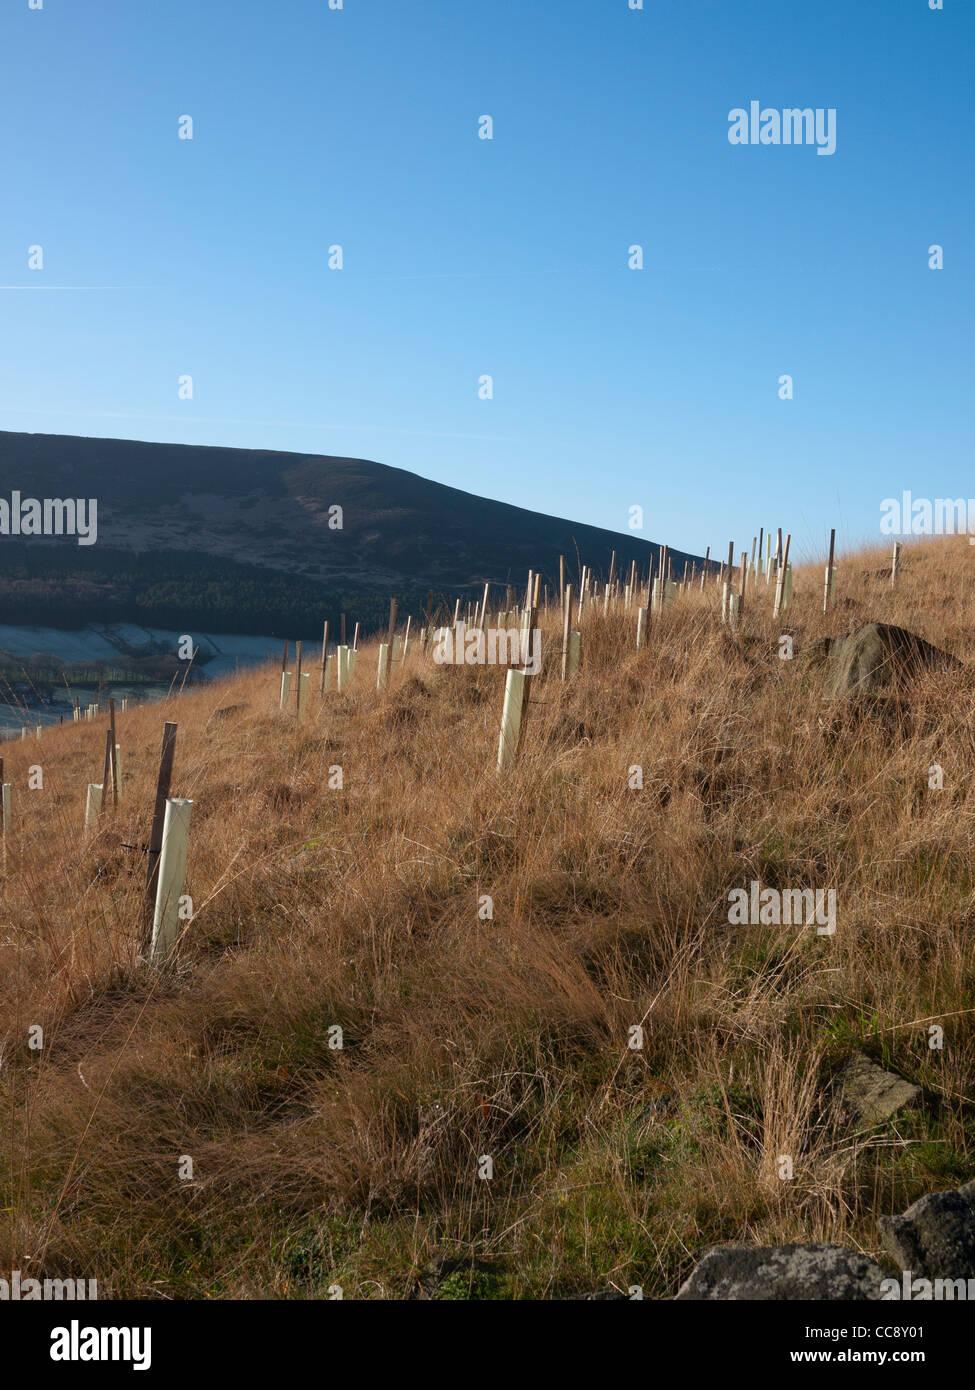 Tree samplings protected by tubes, Saddleworth, Lancashire, England, UK. - Stock Image